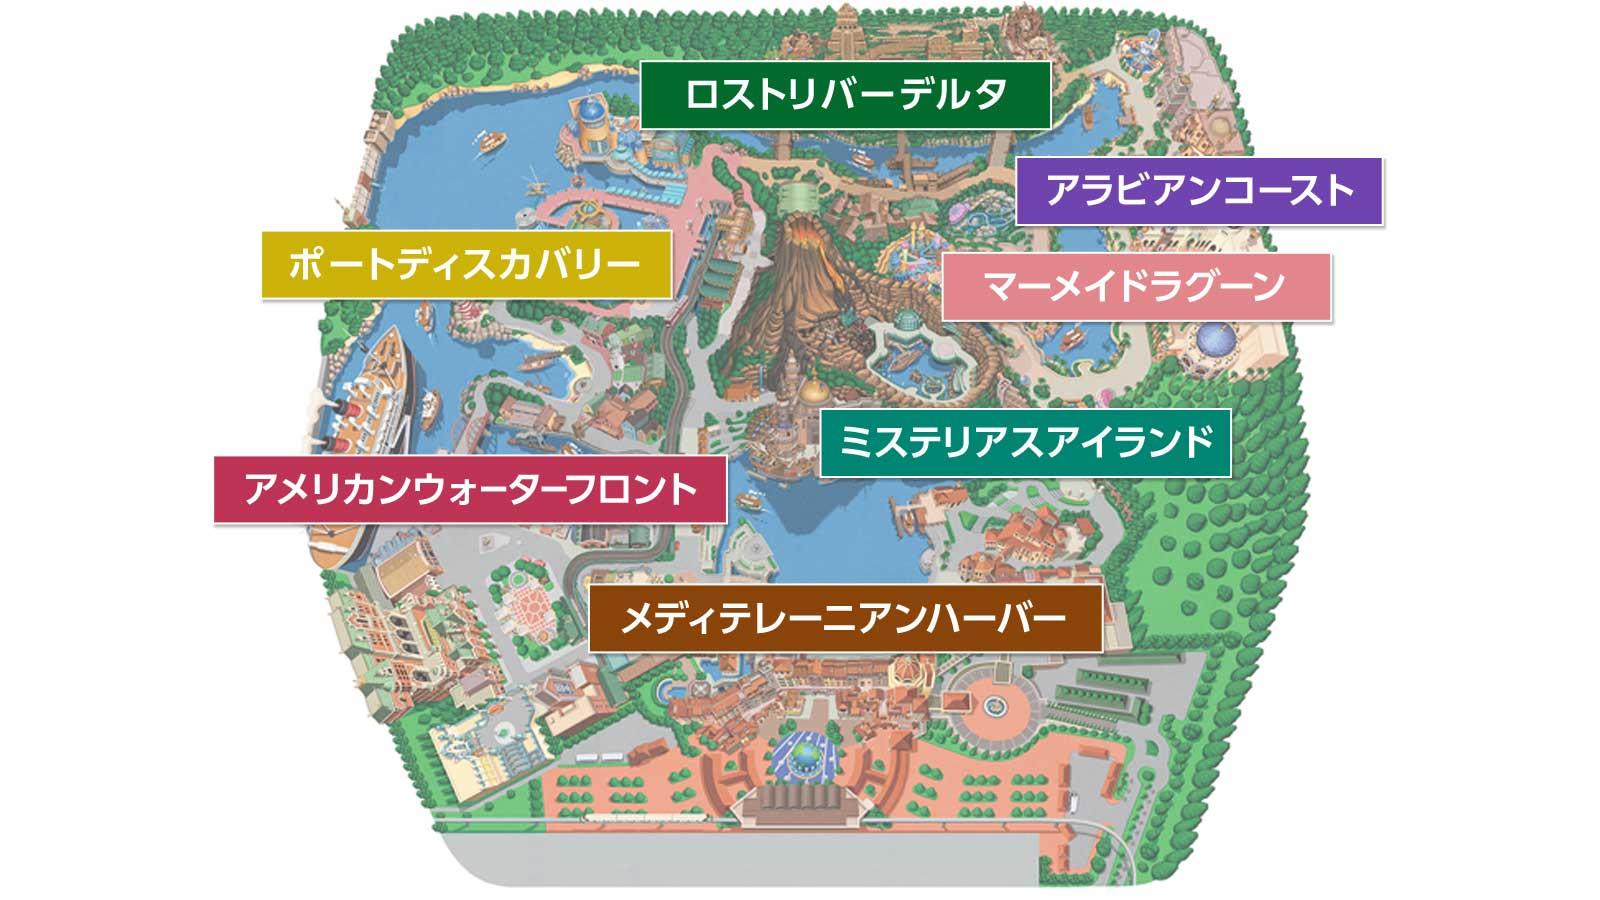 東京ディズニーシーマップ画像